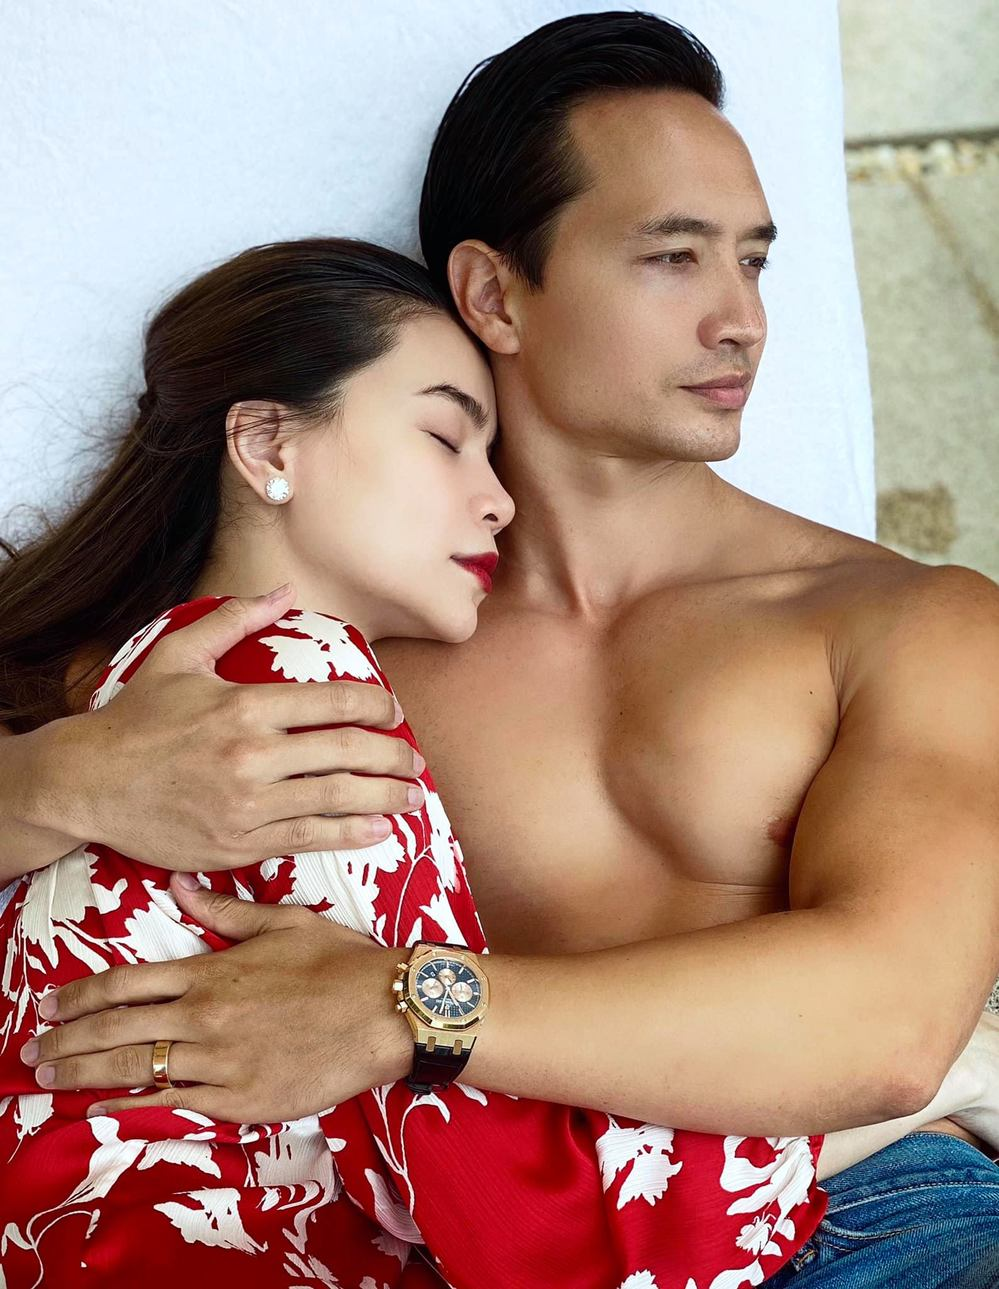 Hiện, Hồ Ngọc Hà và Kim Lý vẫn chưa lên tiếng về chuyện đang có em bé và dự định đám cưới trong tương lai.